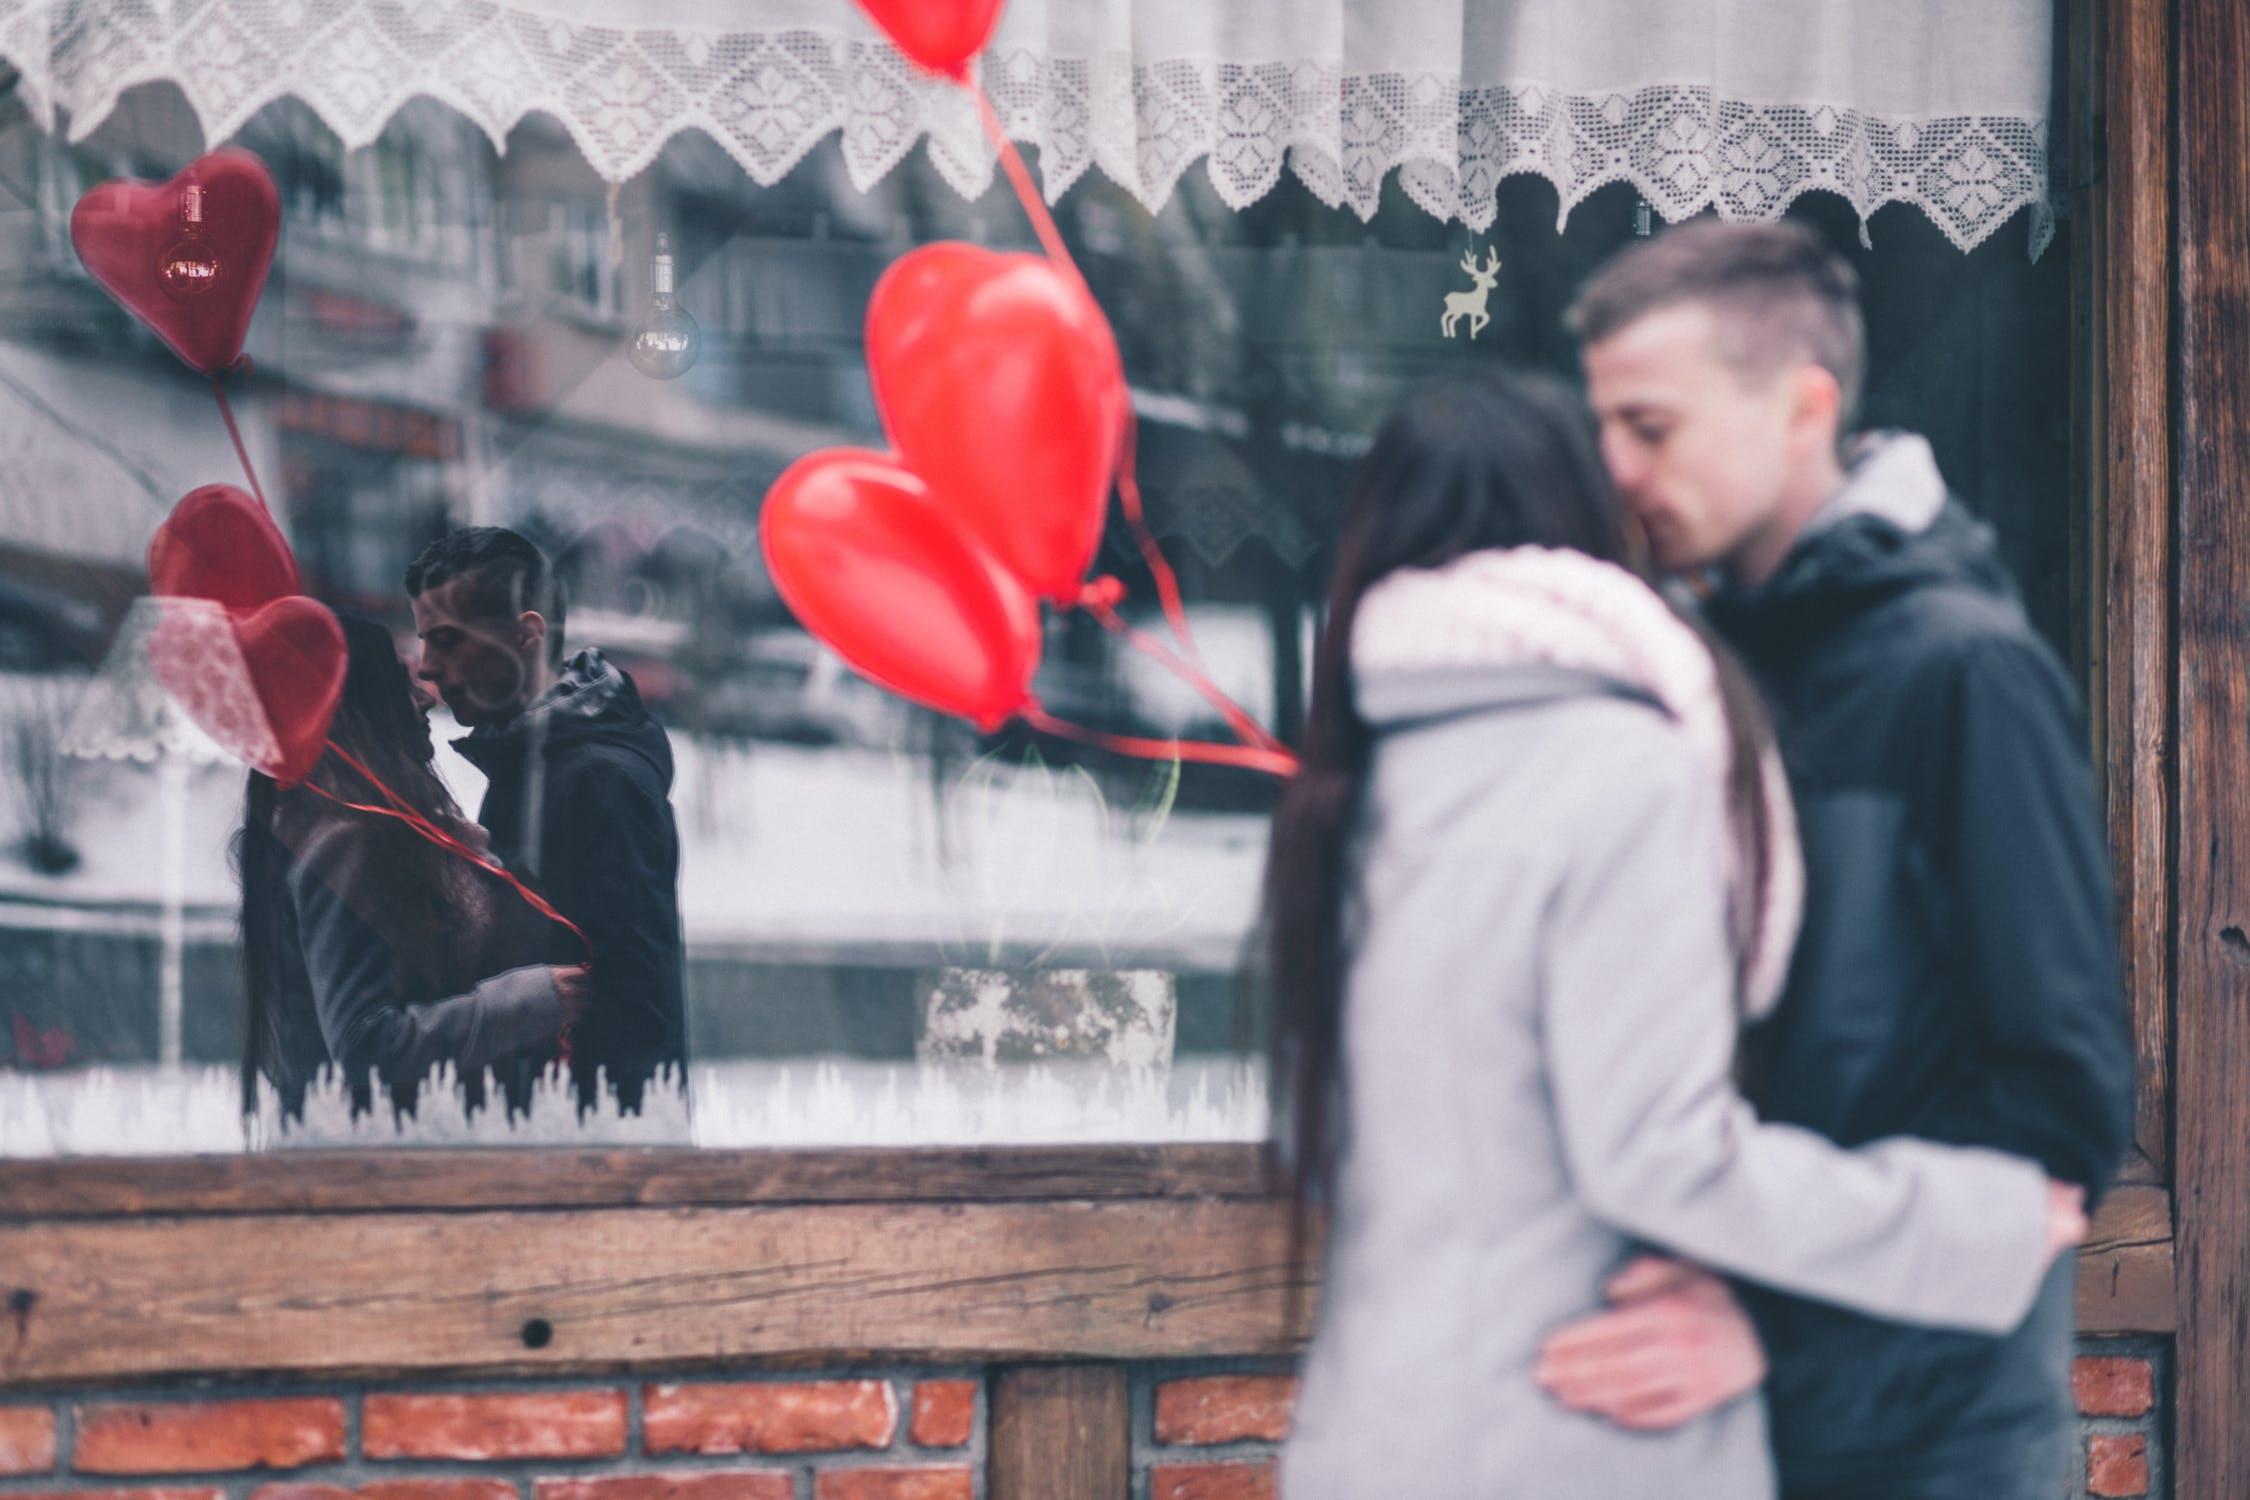 तुम्ही प्रेमानं आयुष्यात येण्याबद्दल विचाराल तर सगळा राग निघून जाईल.